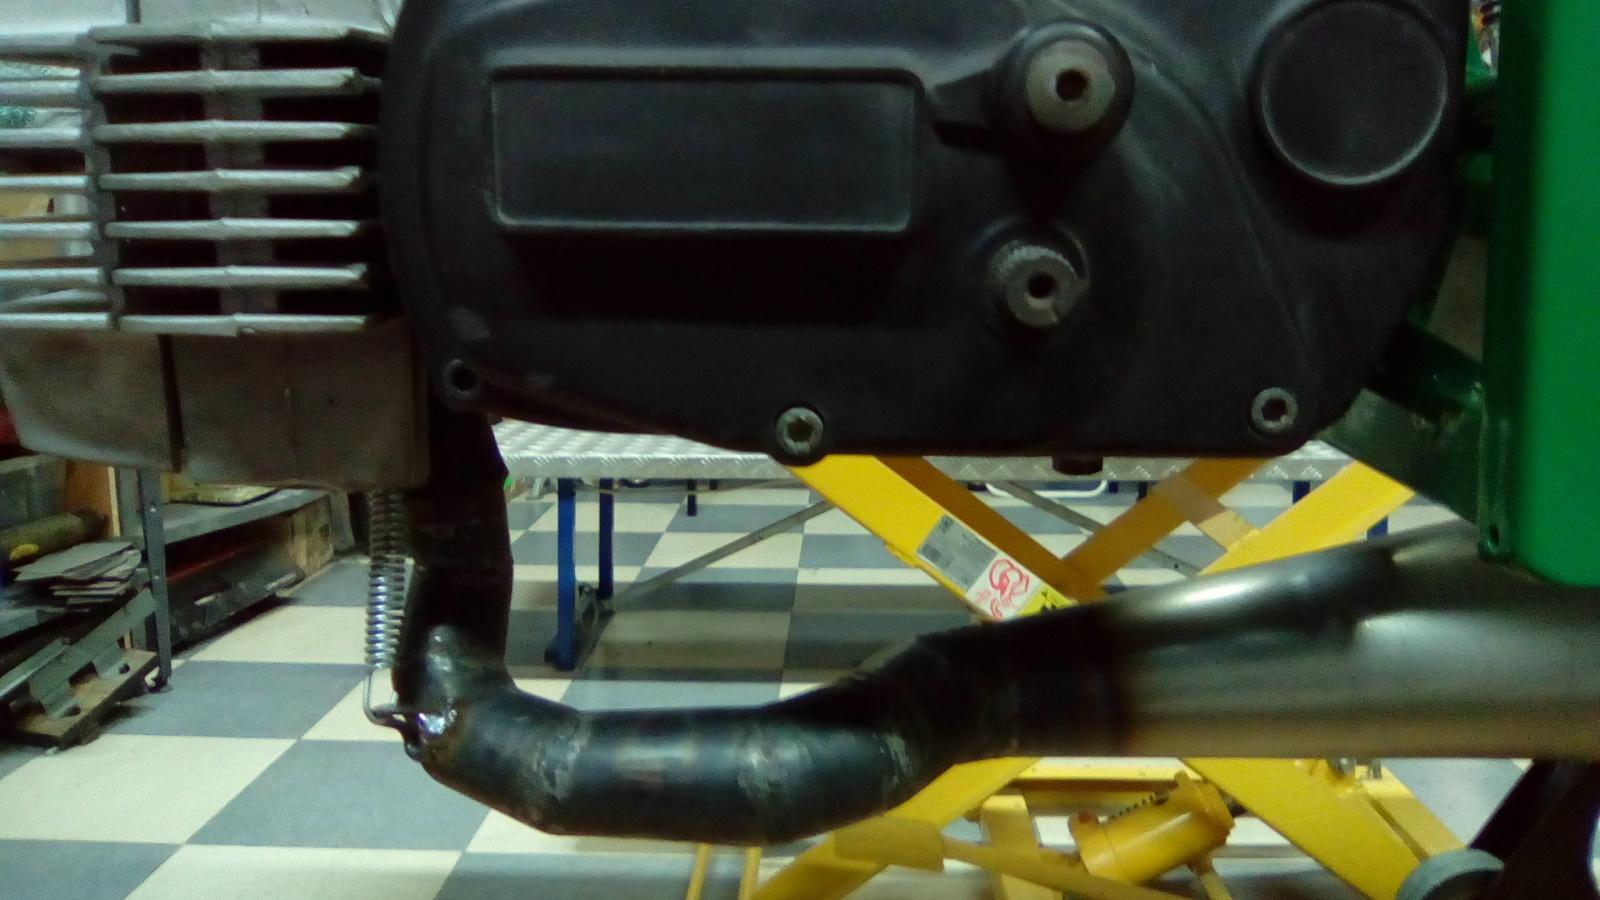 Puch automatica para circuitos - Página 2 Uaqa8